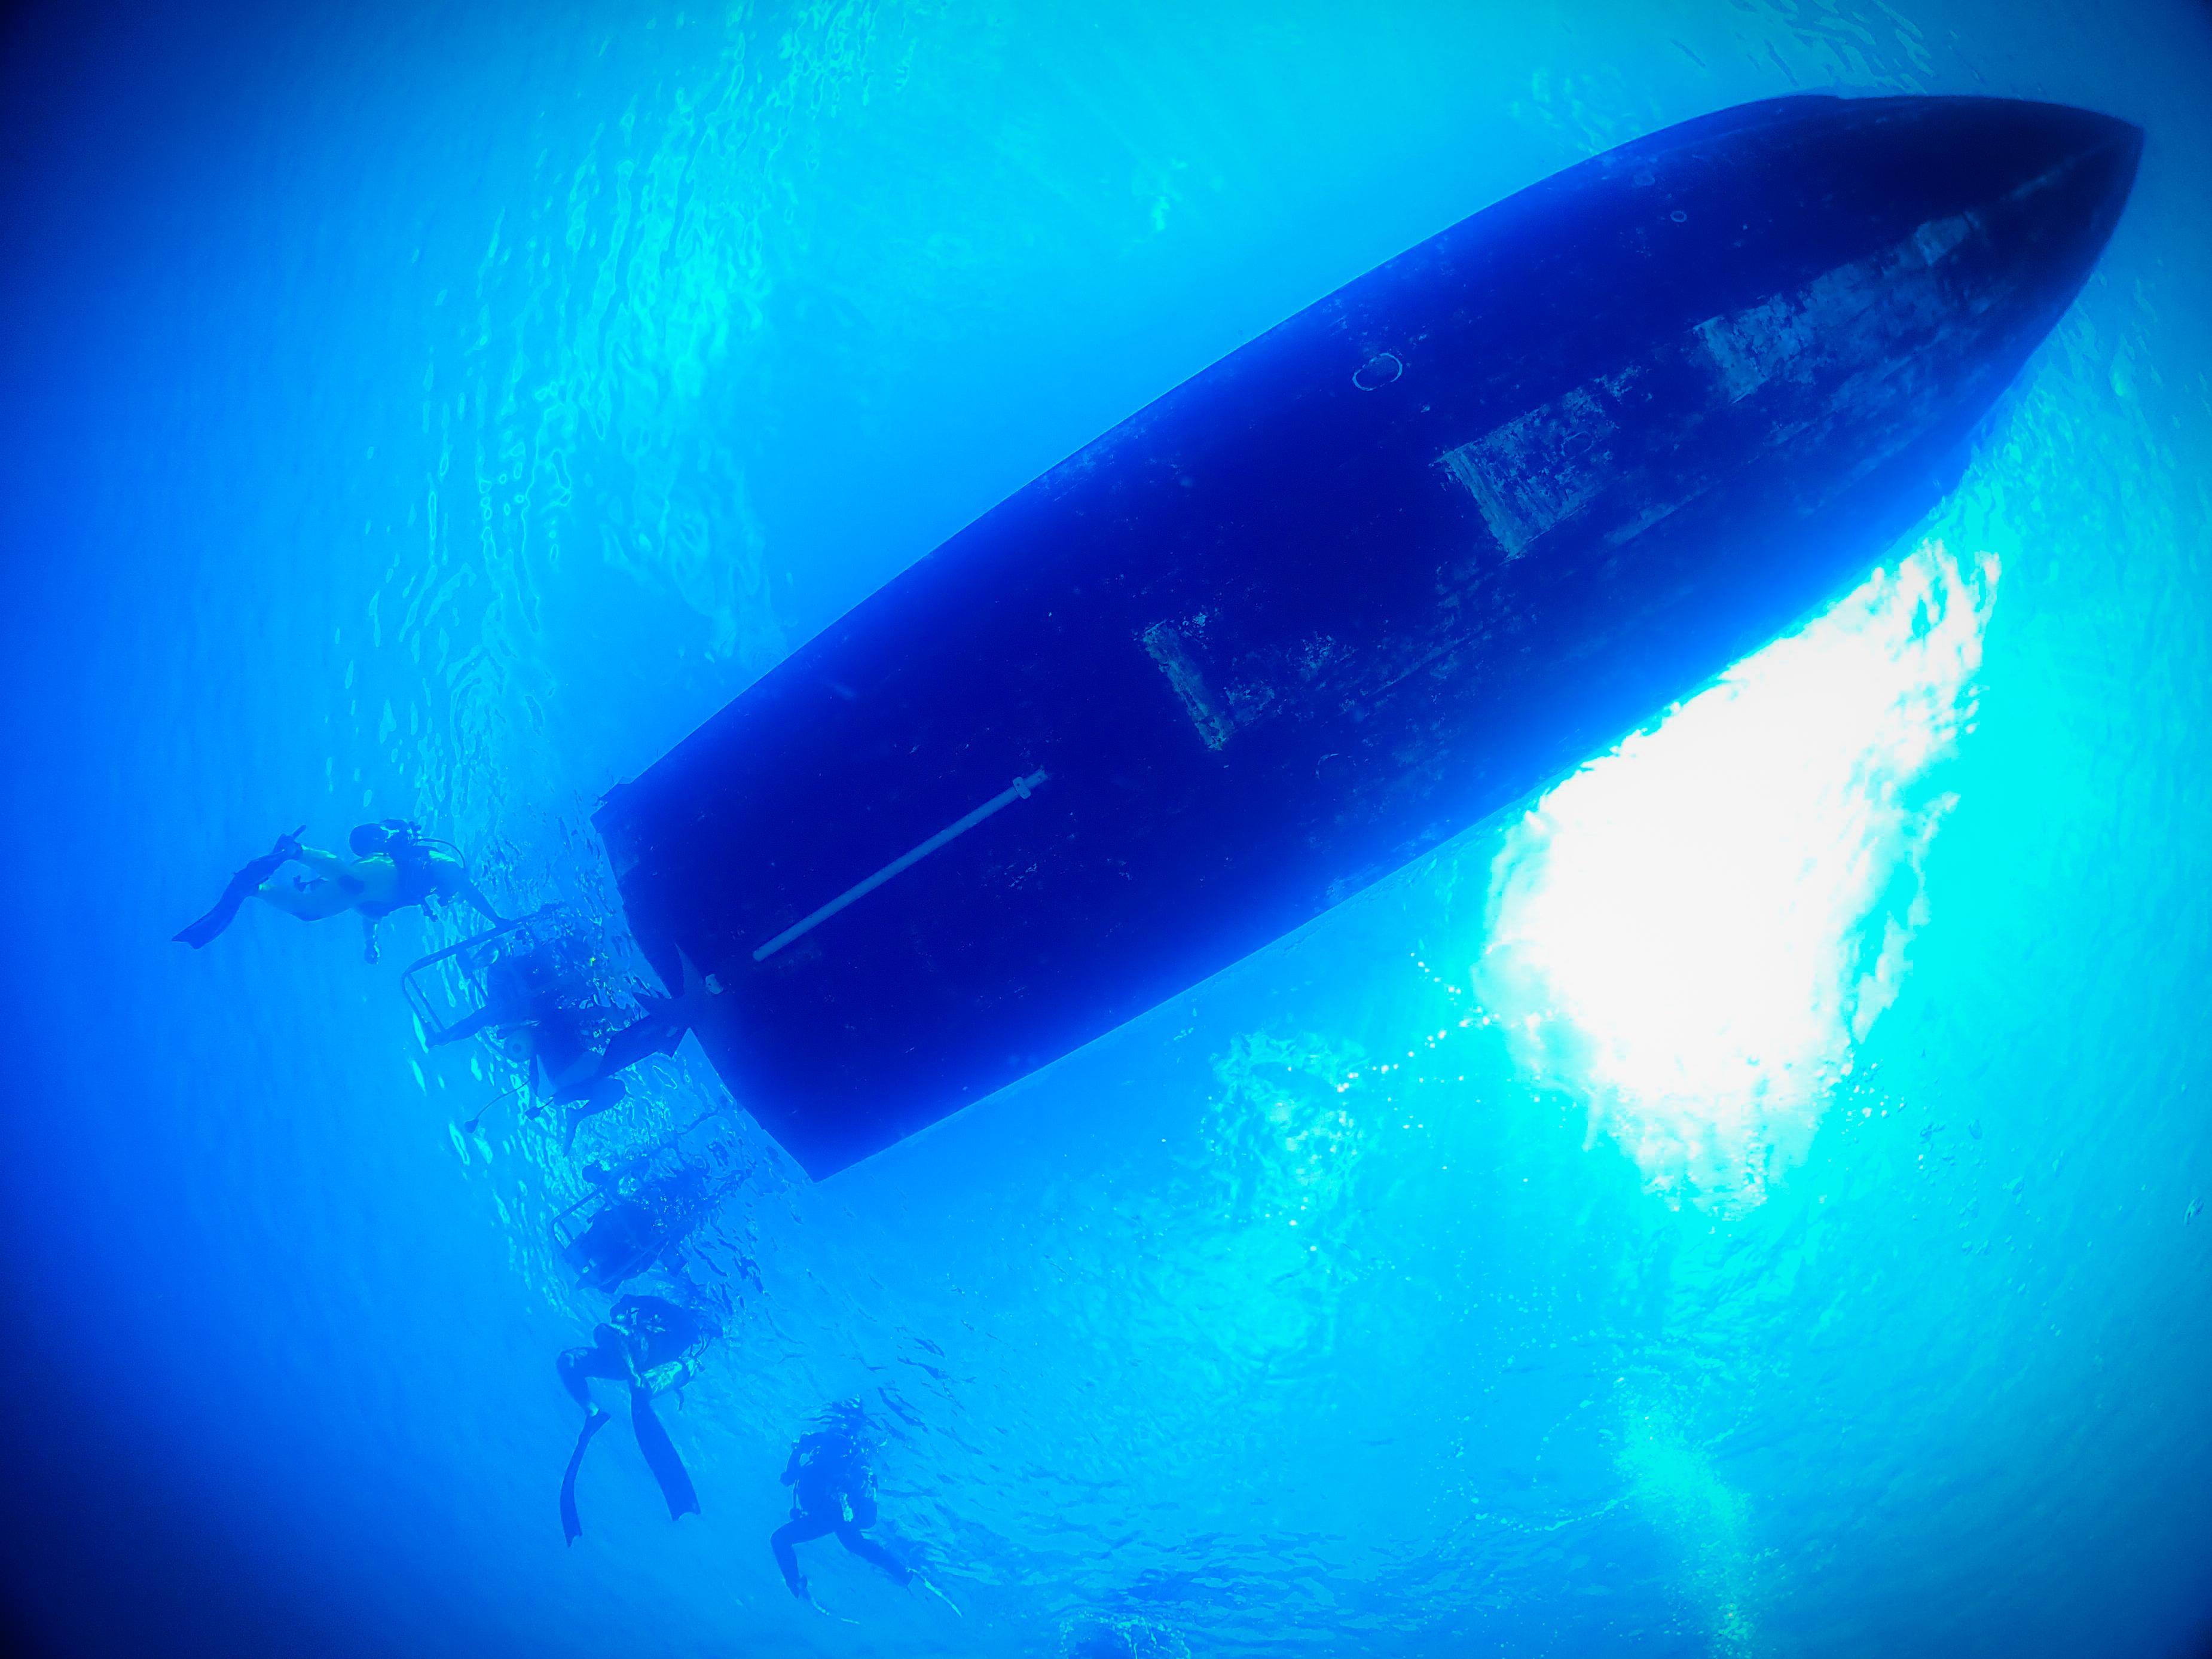 船酔いとはオサラバ!ボートダイビングを快適に過ごすコツ